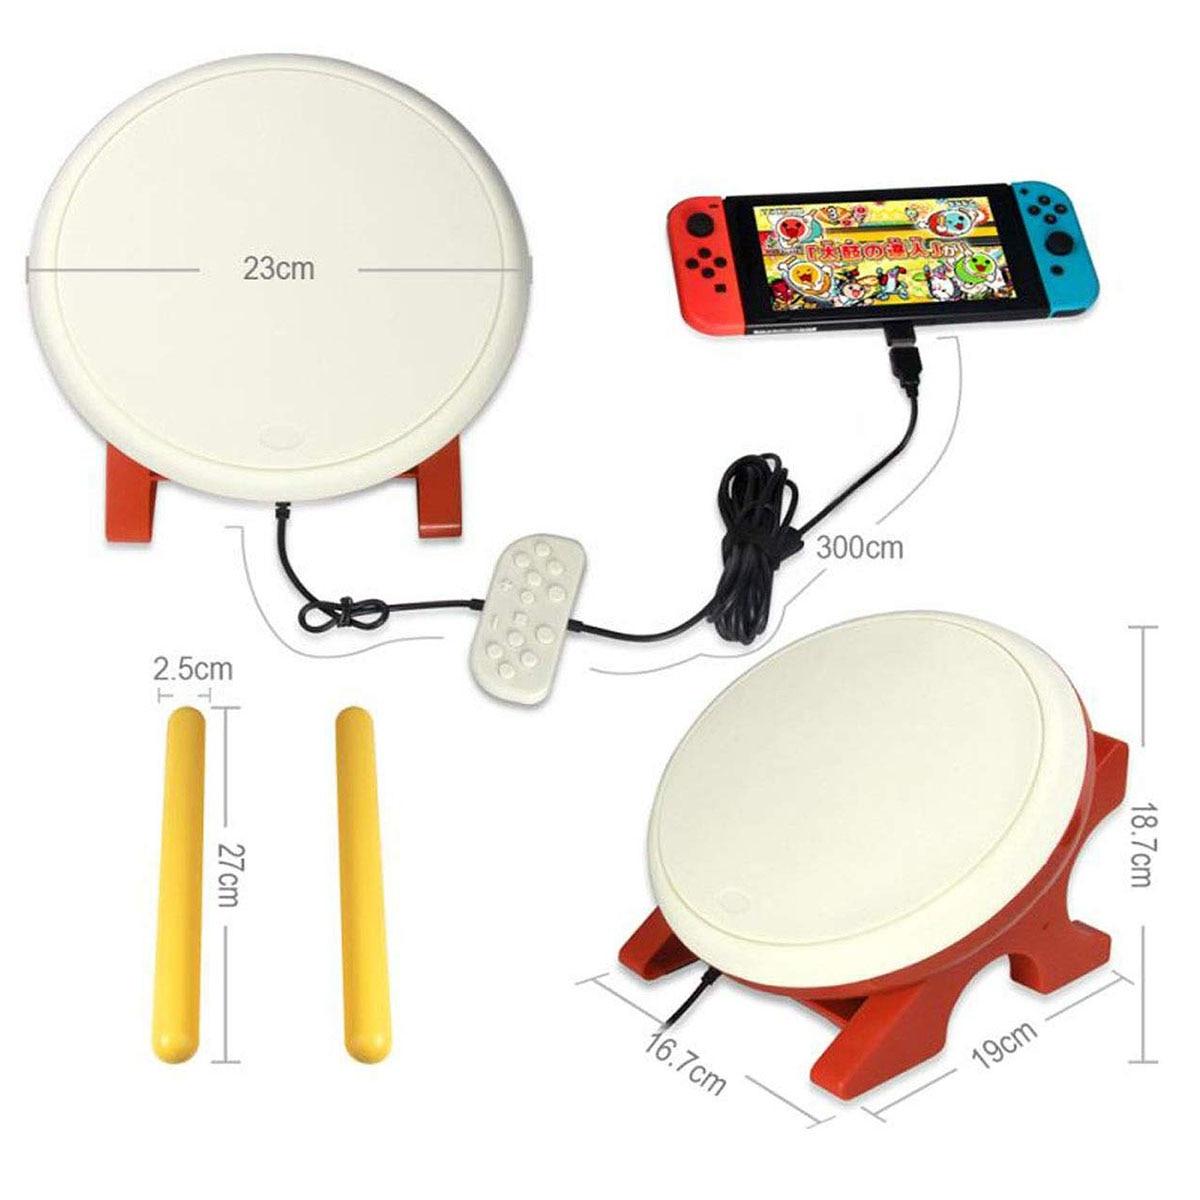 Pour batterie Taiko Compatible avec n-switch, contrôleur de batterie Taiko baguettes de batterie accessoires de jeux vidéo compatibles avec Nintendo Swi - 4